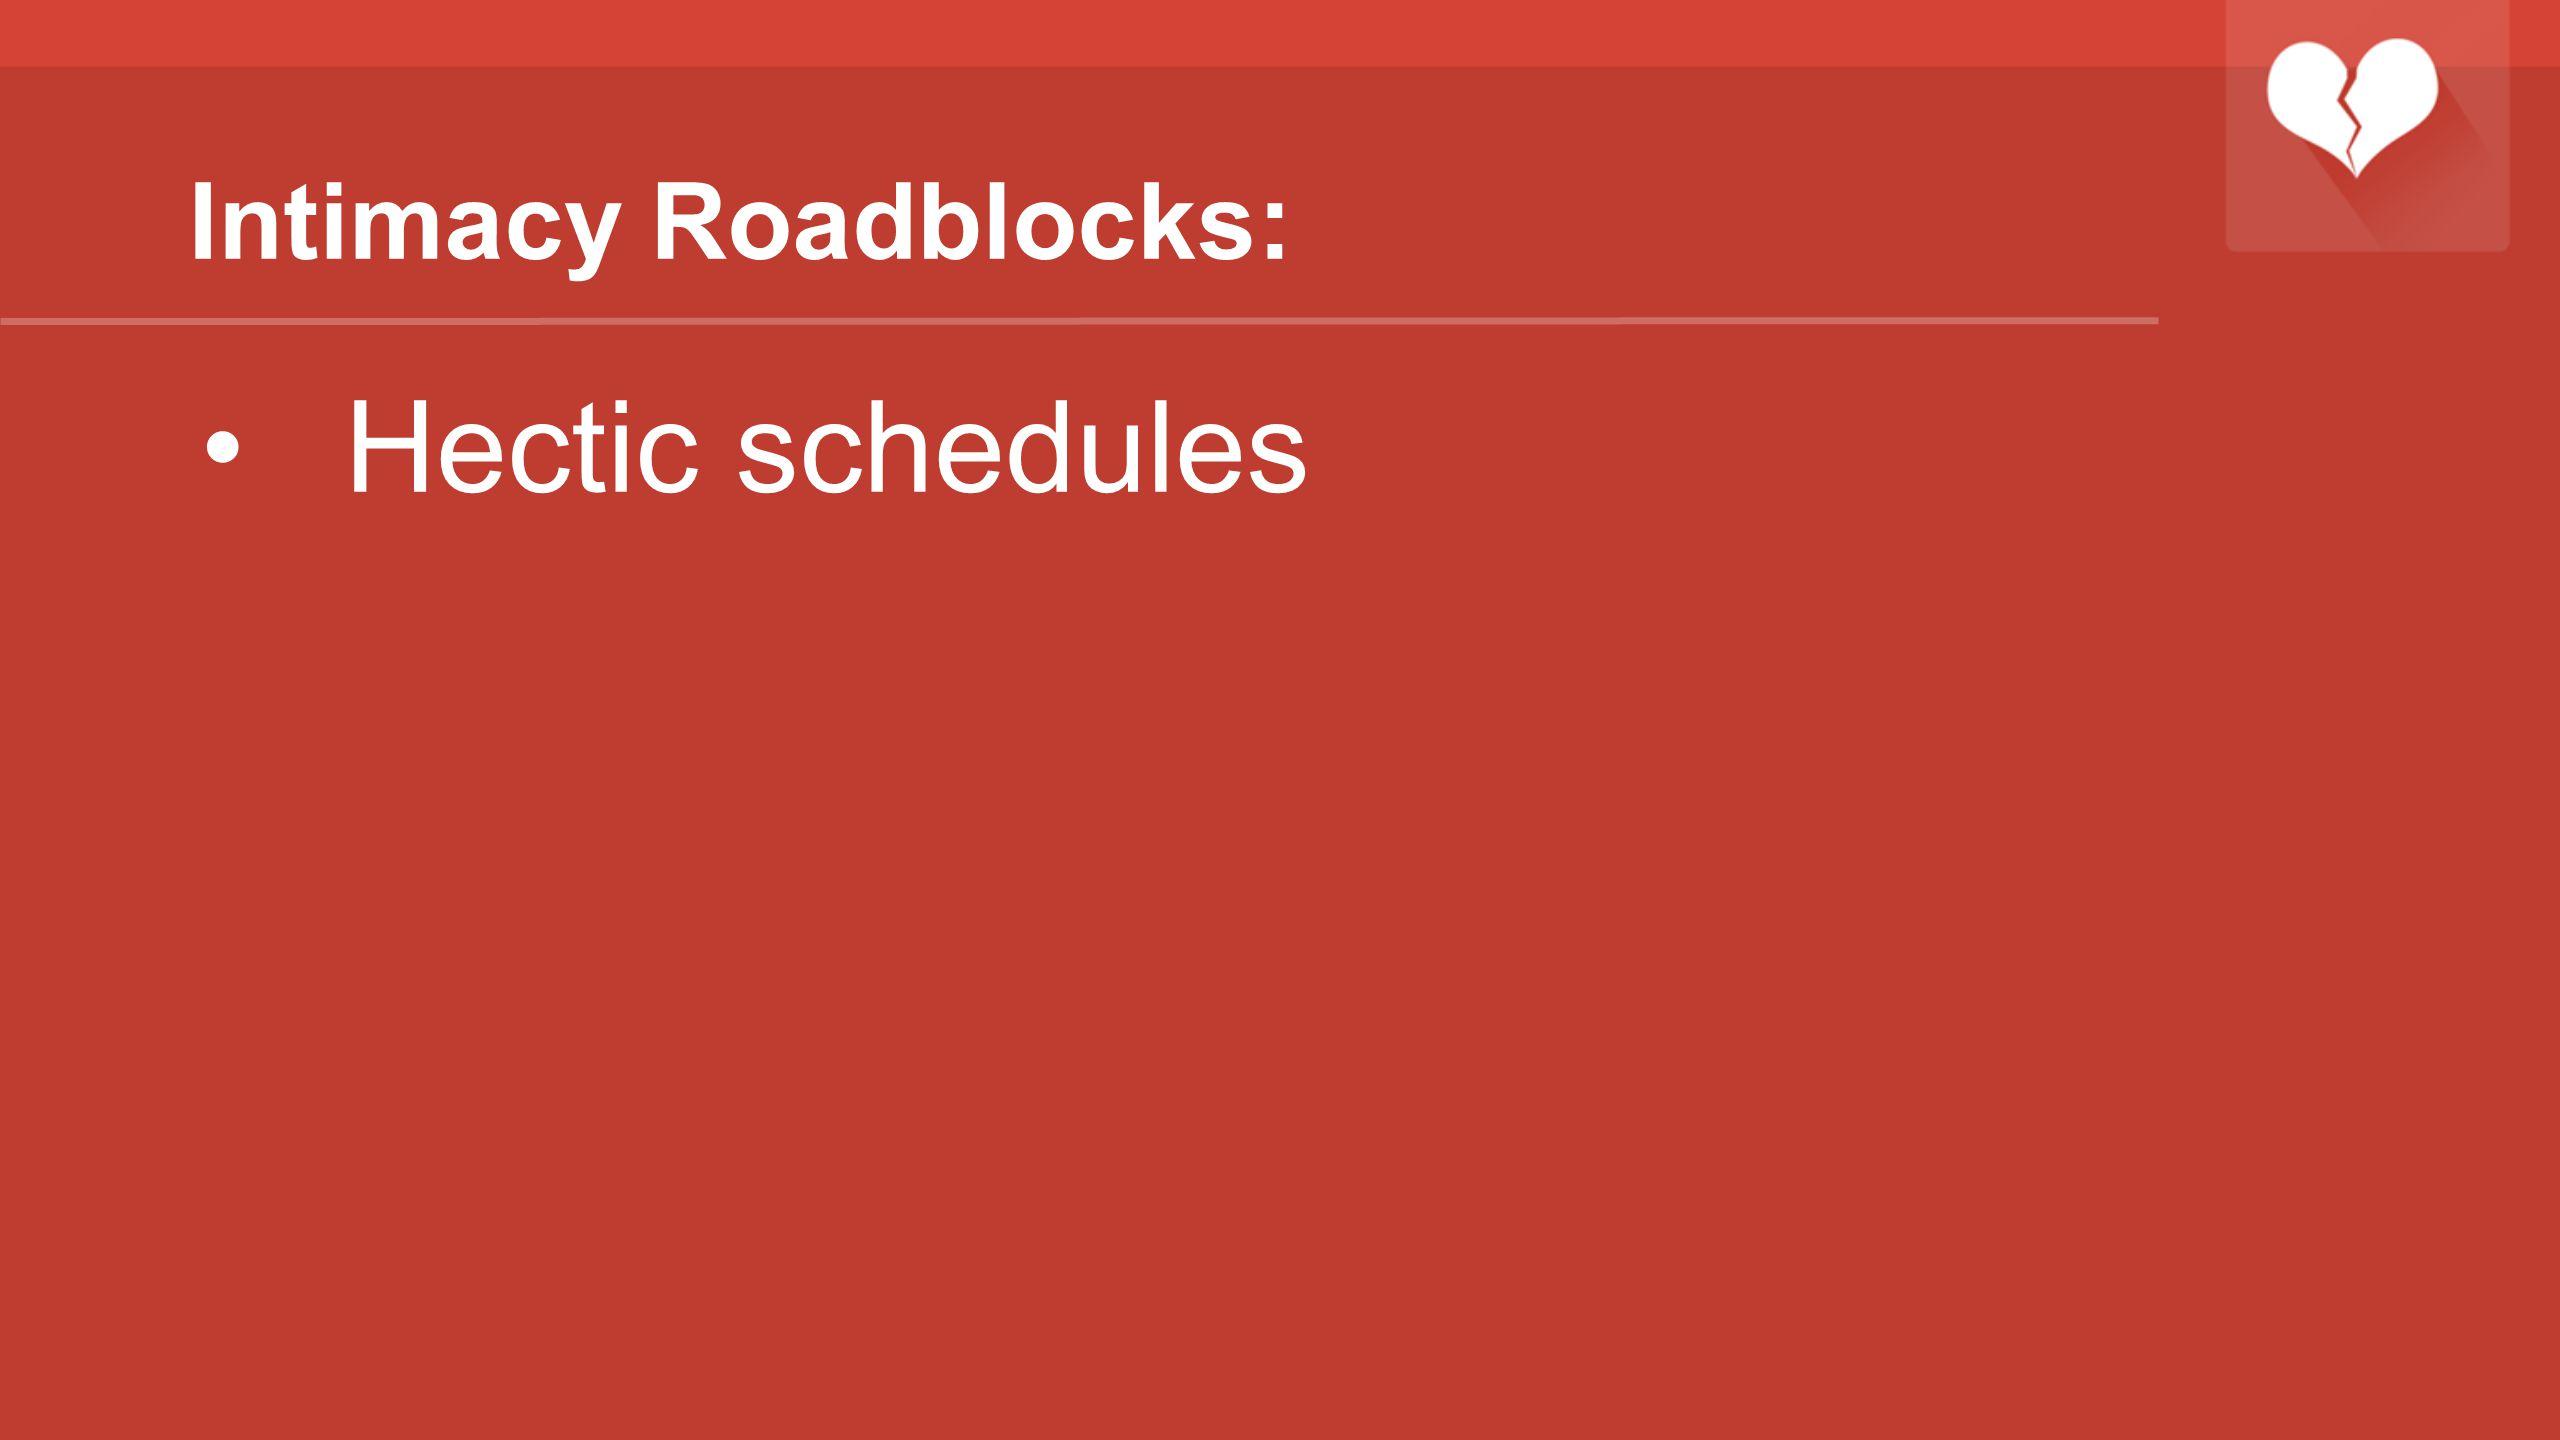 Intimacy Roadblocks: Hectic schedules